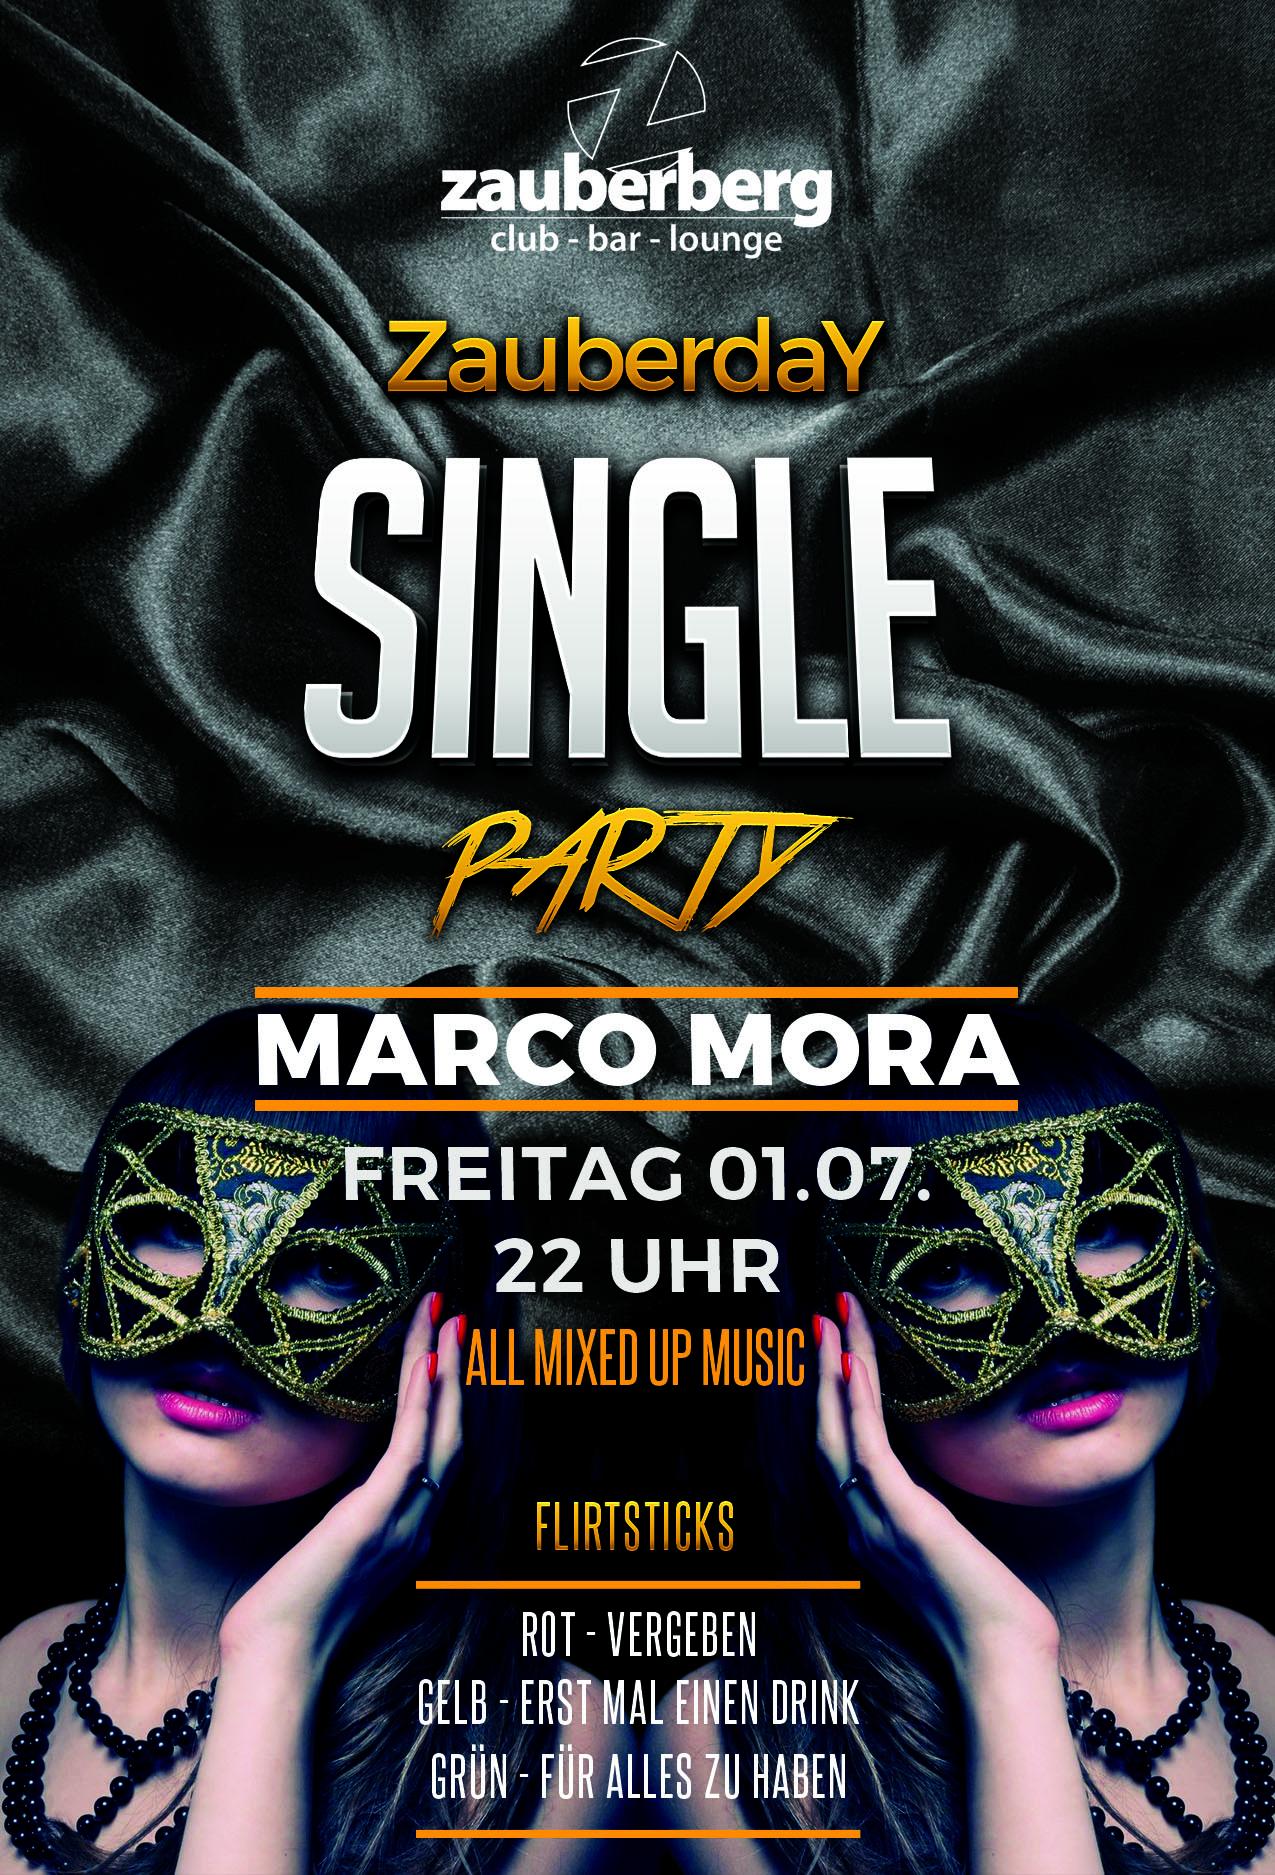 Single party würzburg 2020